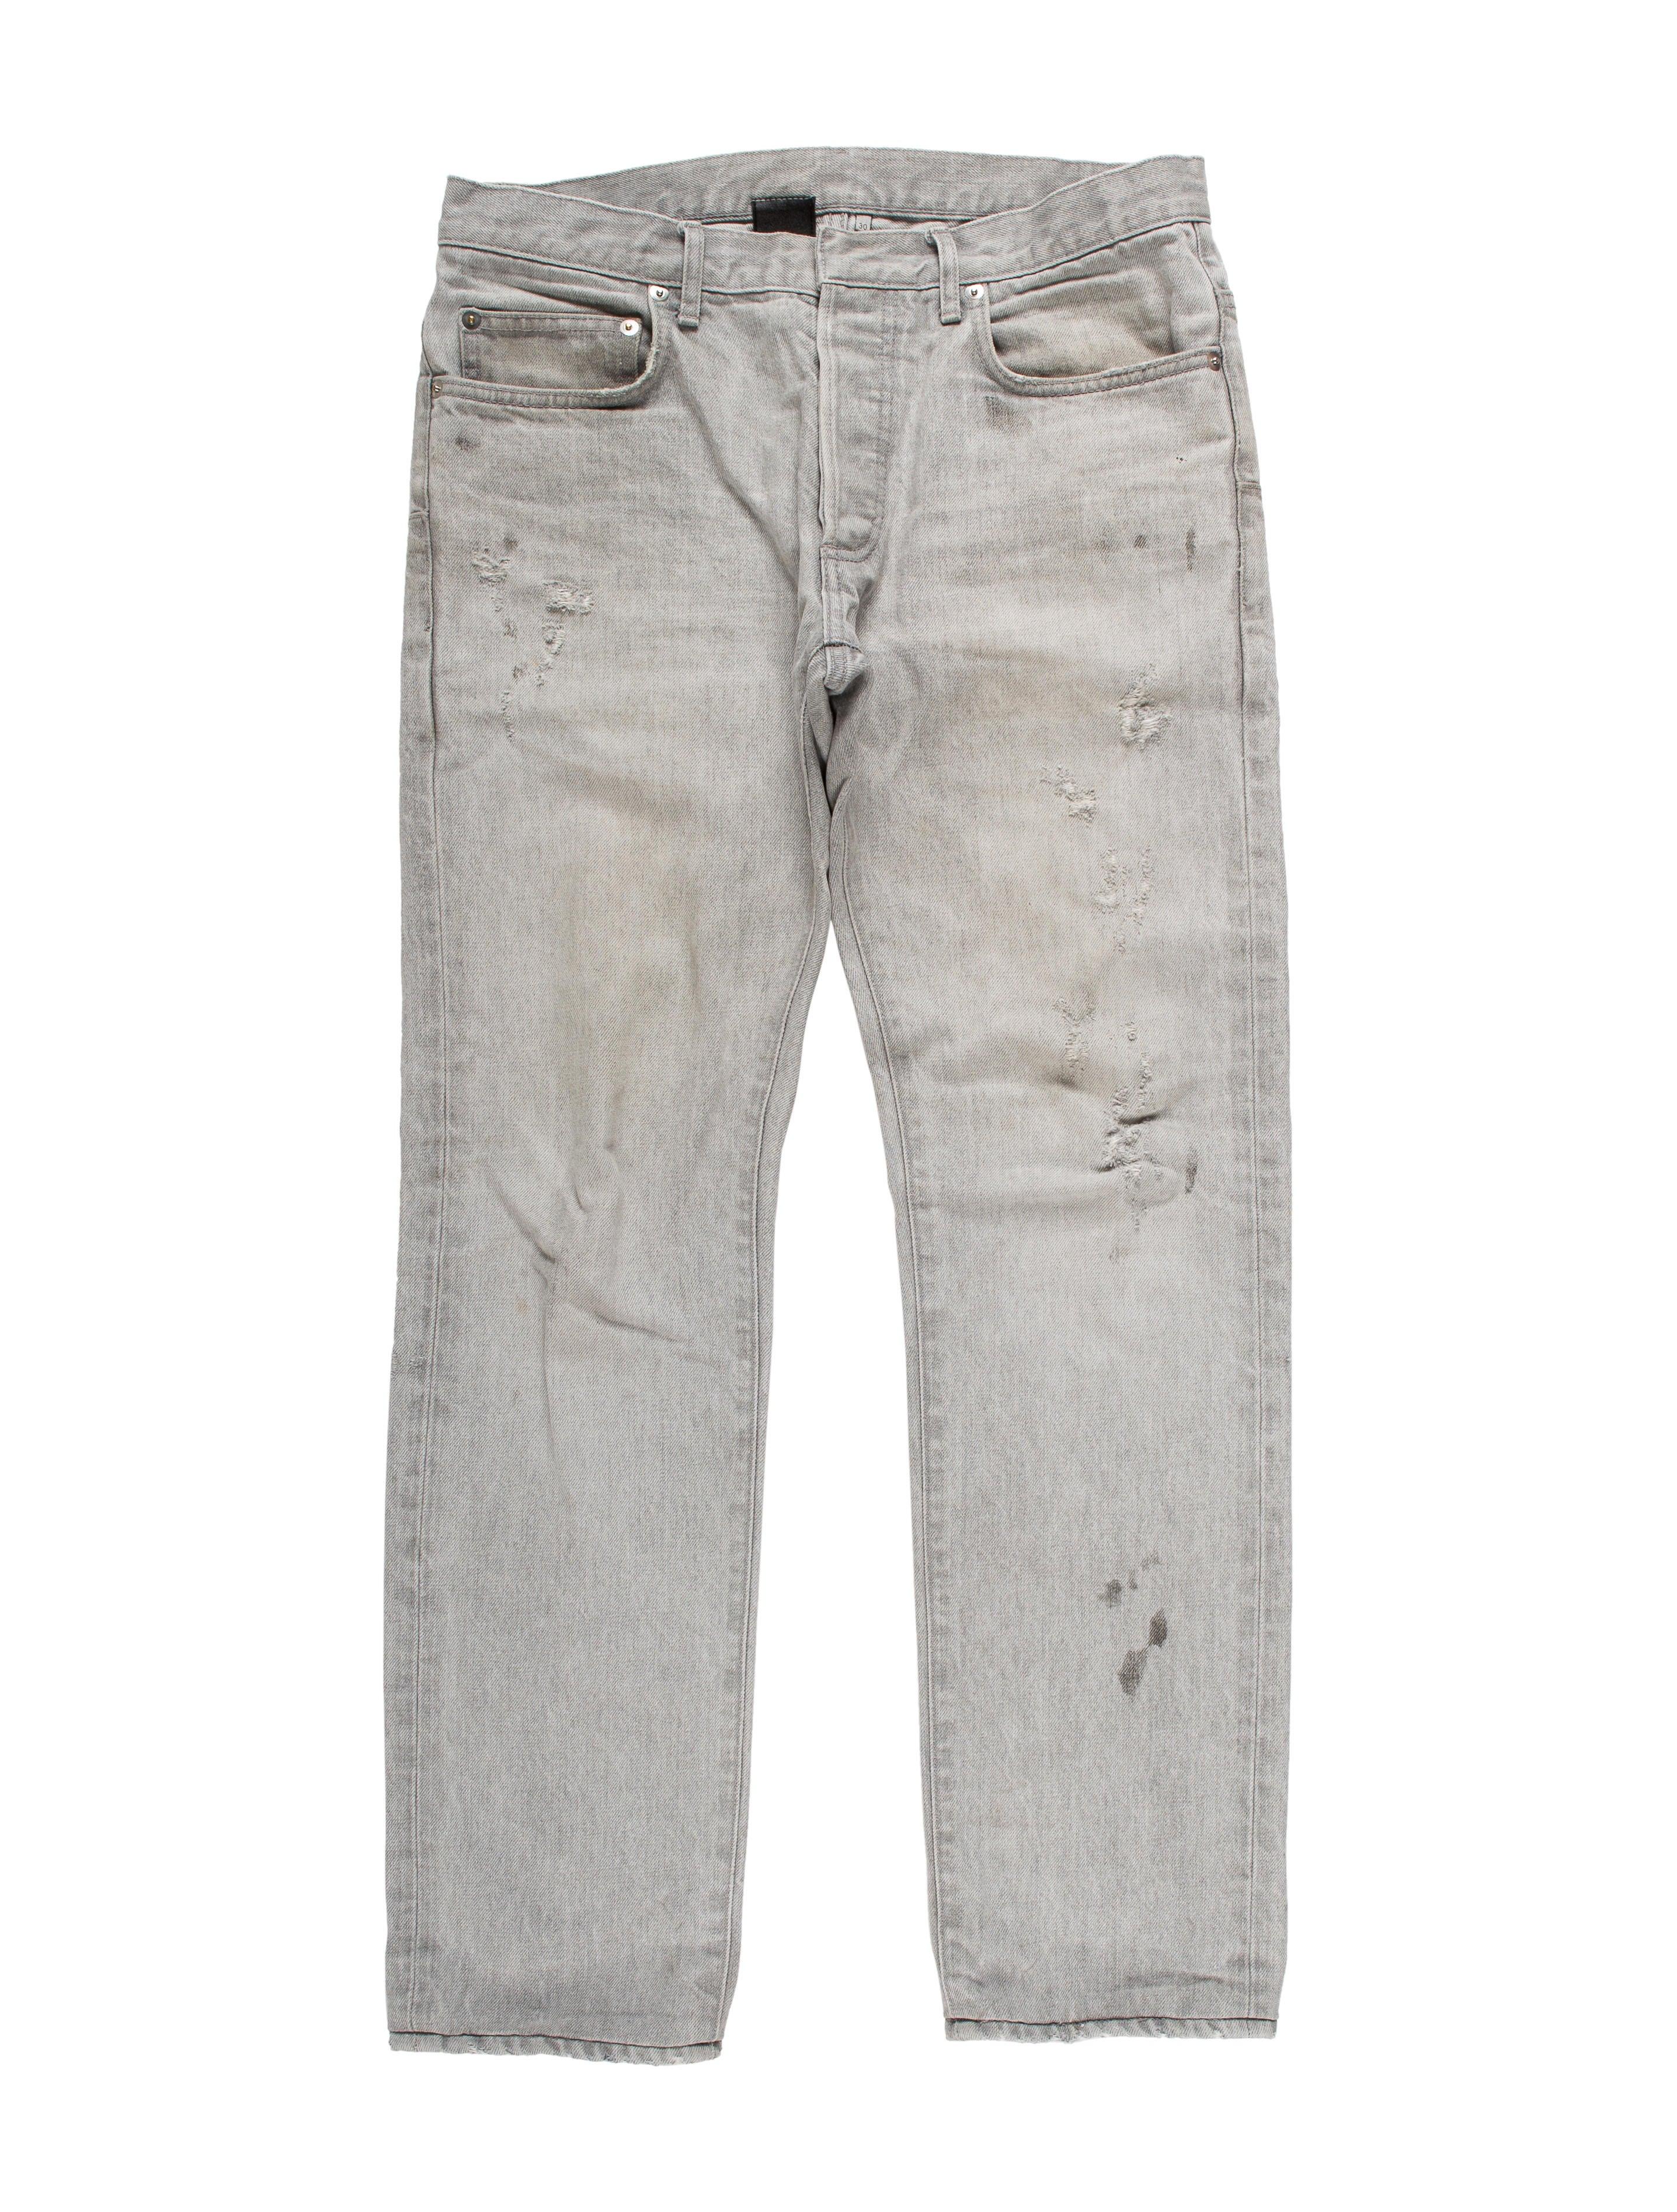 dior homme five pocket slim jeans clothing hmm23869. Black Bedroom Furniture Sets. Home Design Ideas